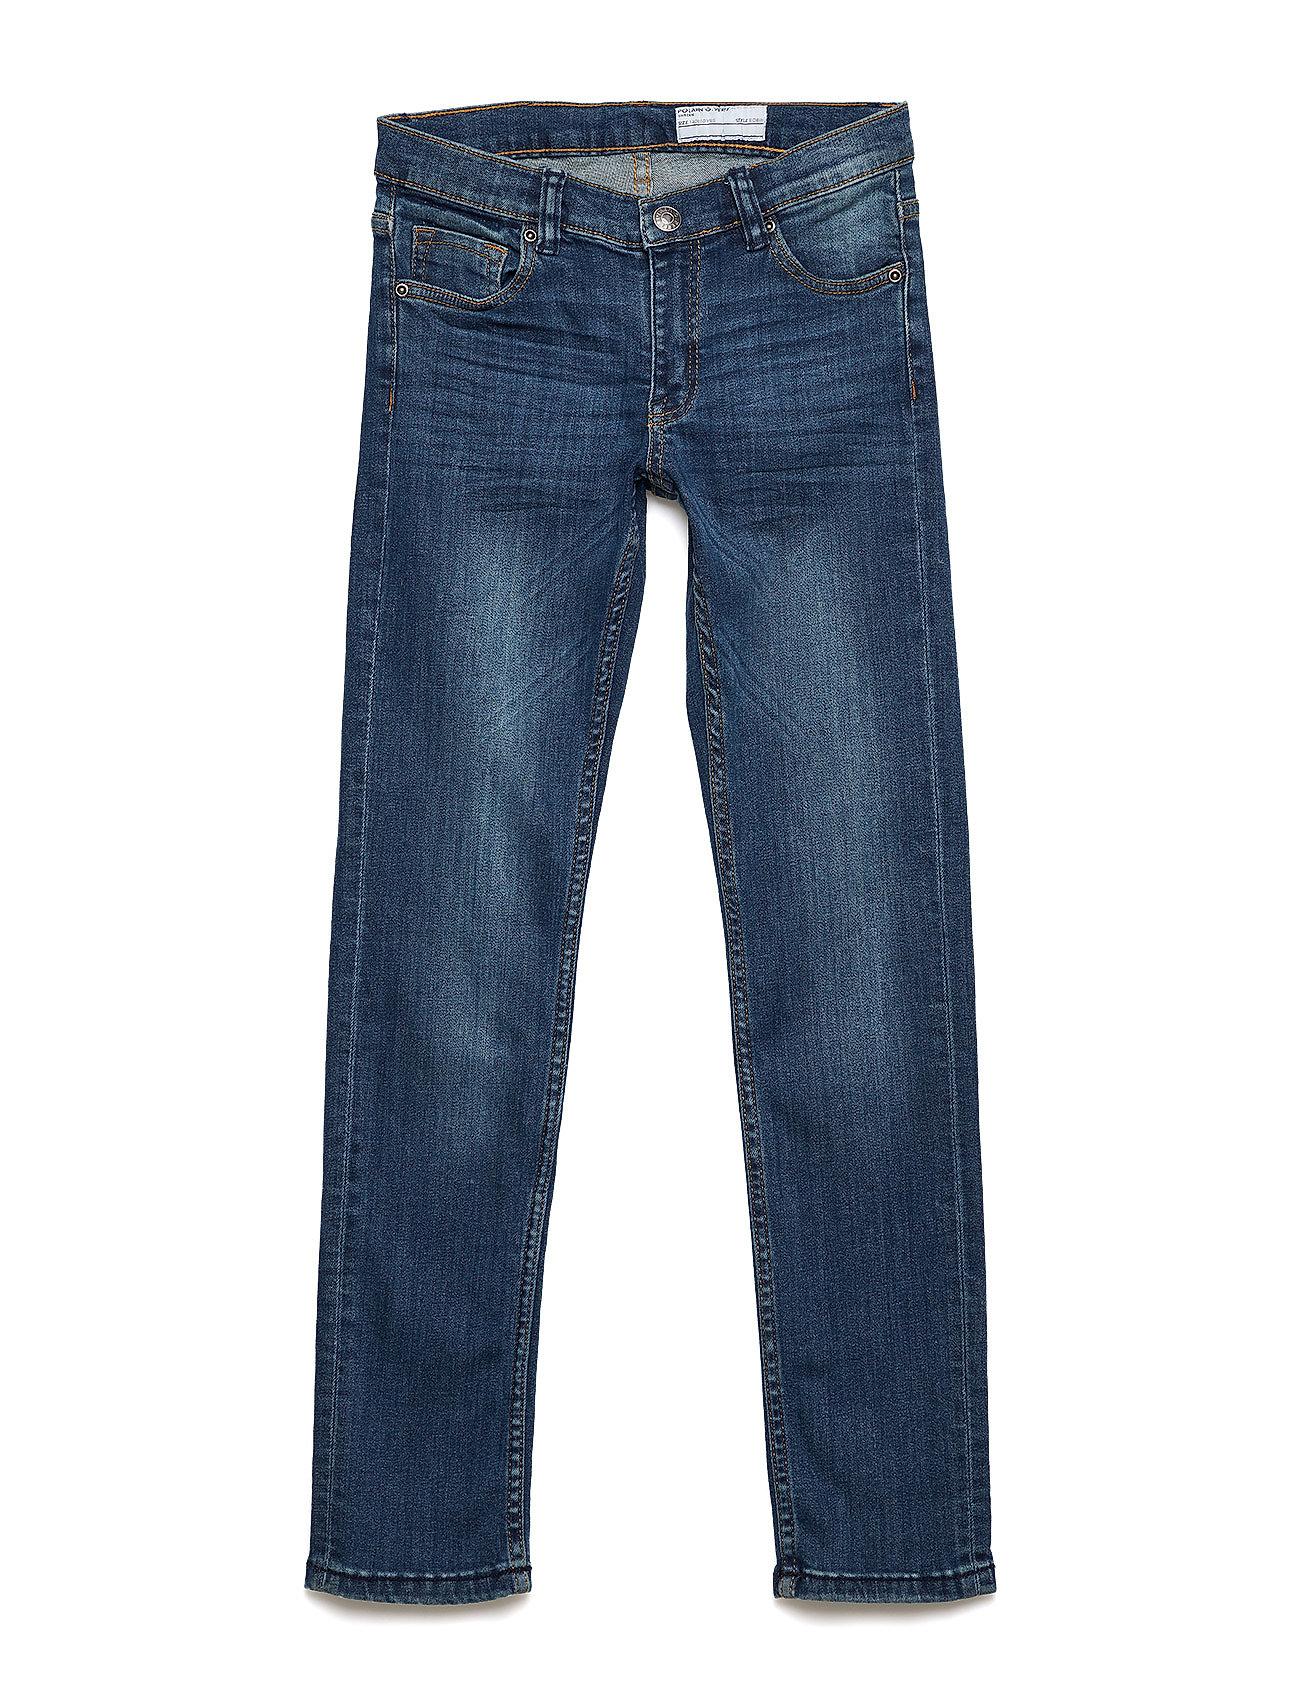 Polarn O. Pyret Jeans Slim School - BLUE DENIM